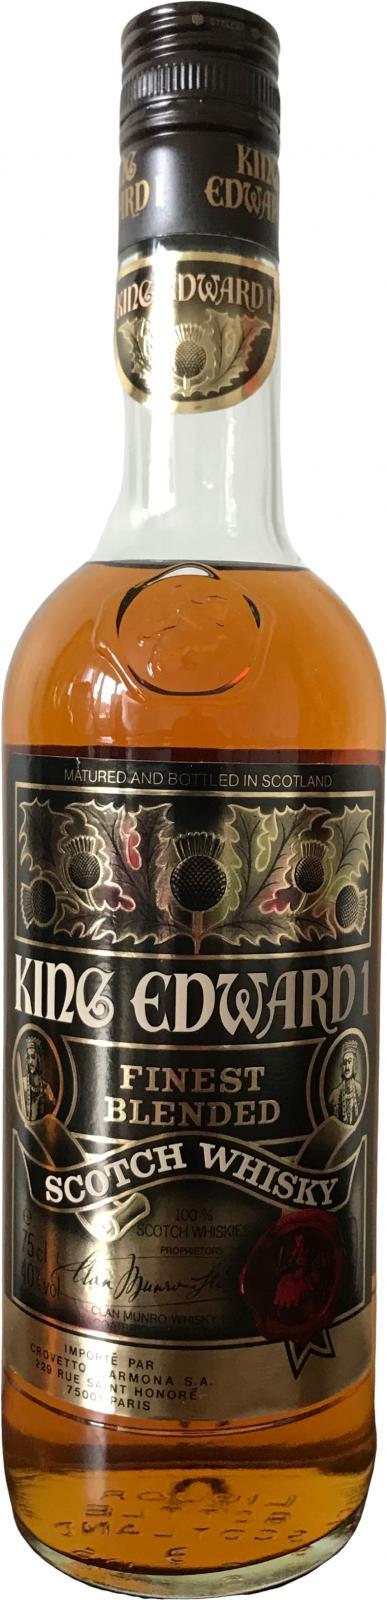 King Edward I Finest Blended Scotch Whisky